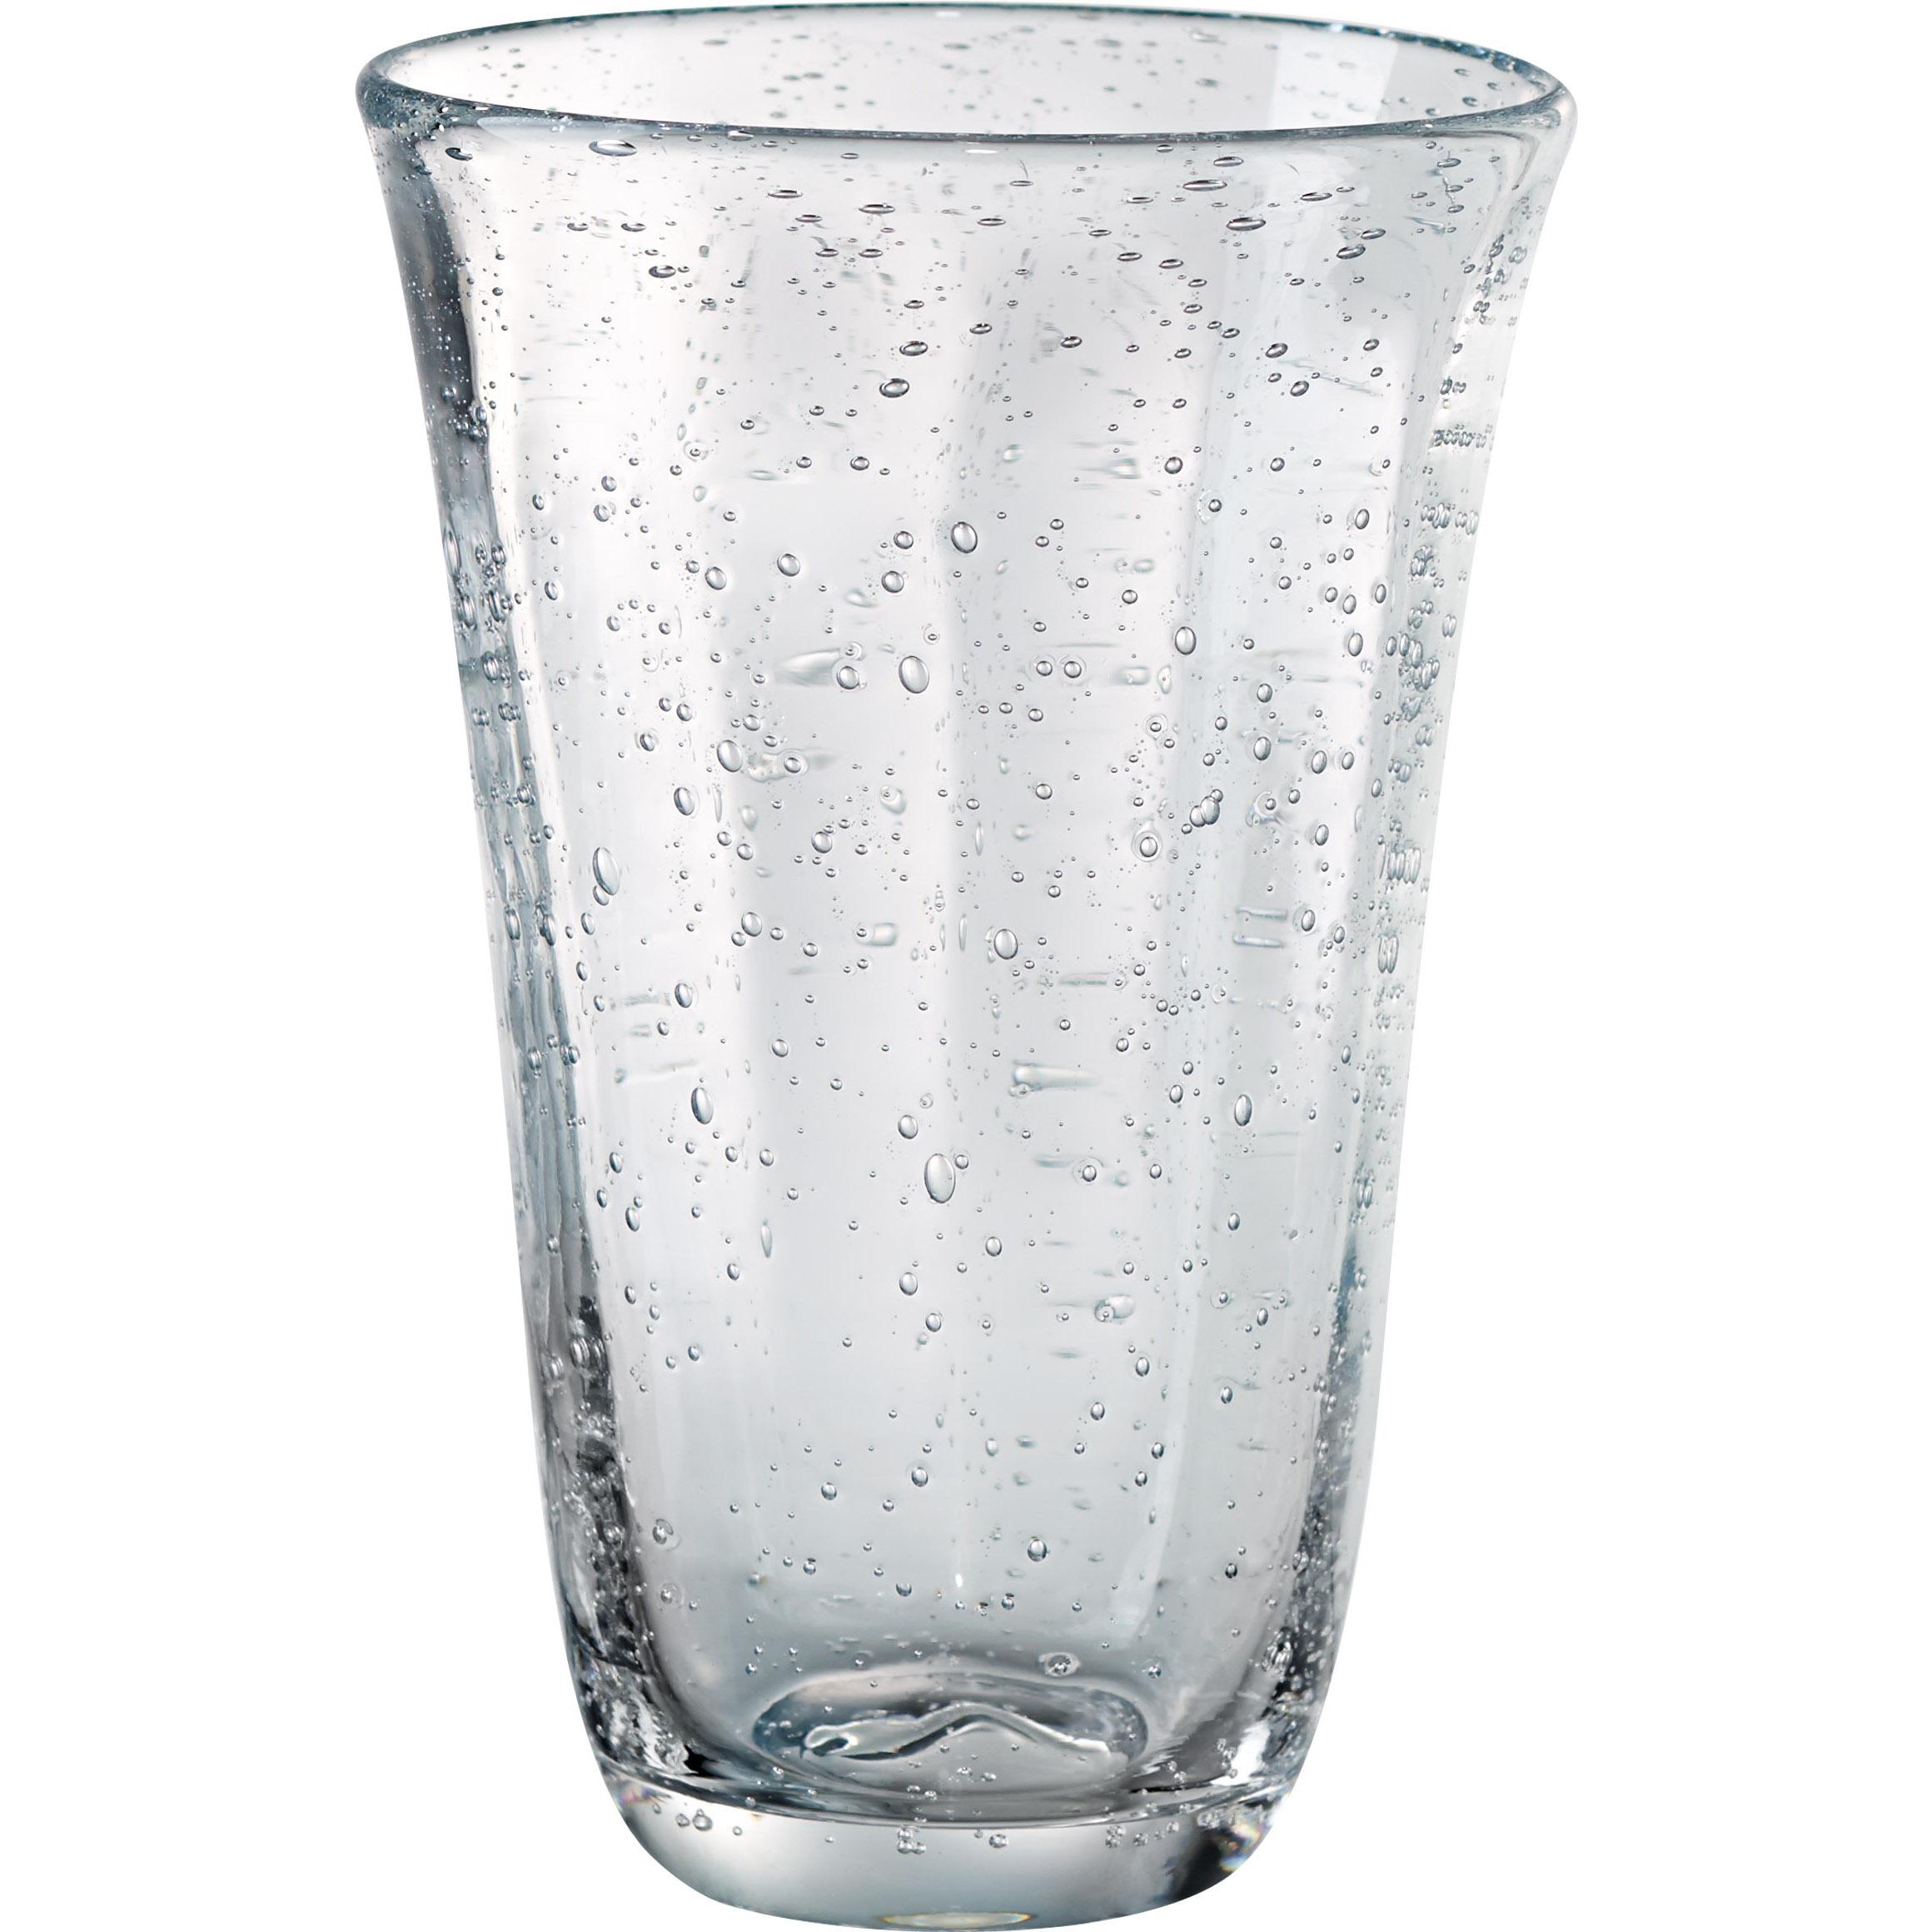 Artland Savannah Clear Bubble Glass 18 Ounce Highball Tumbler